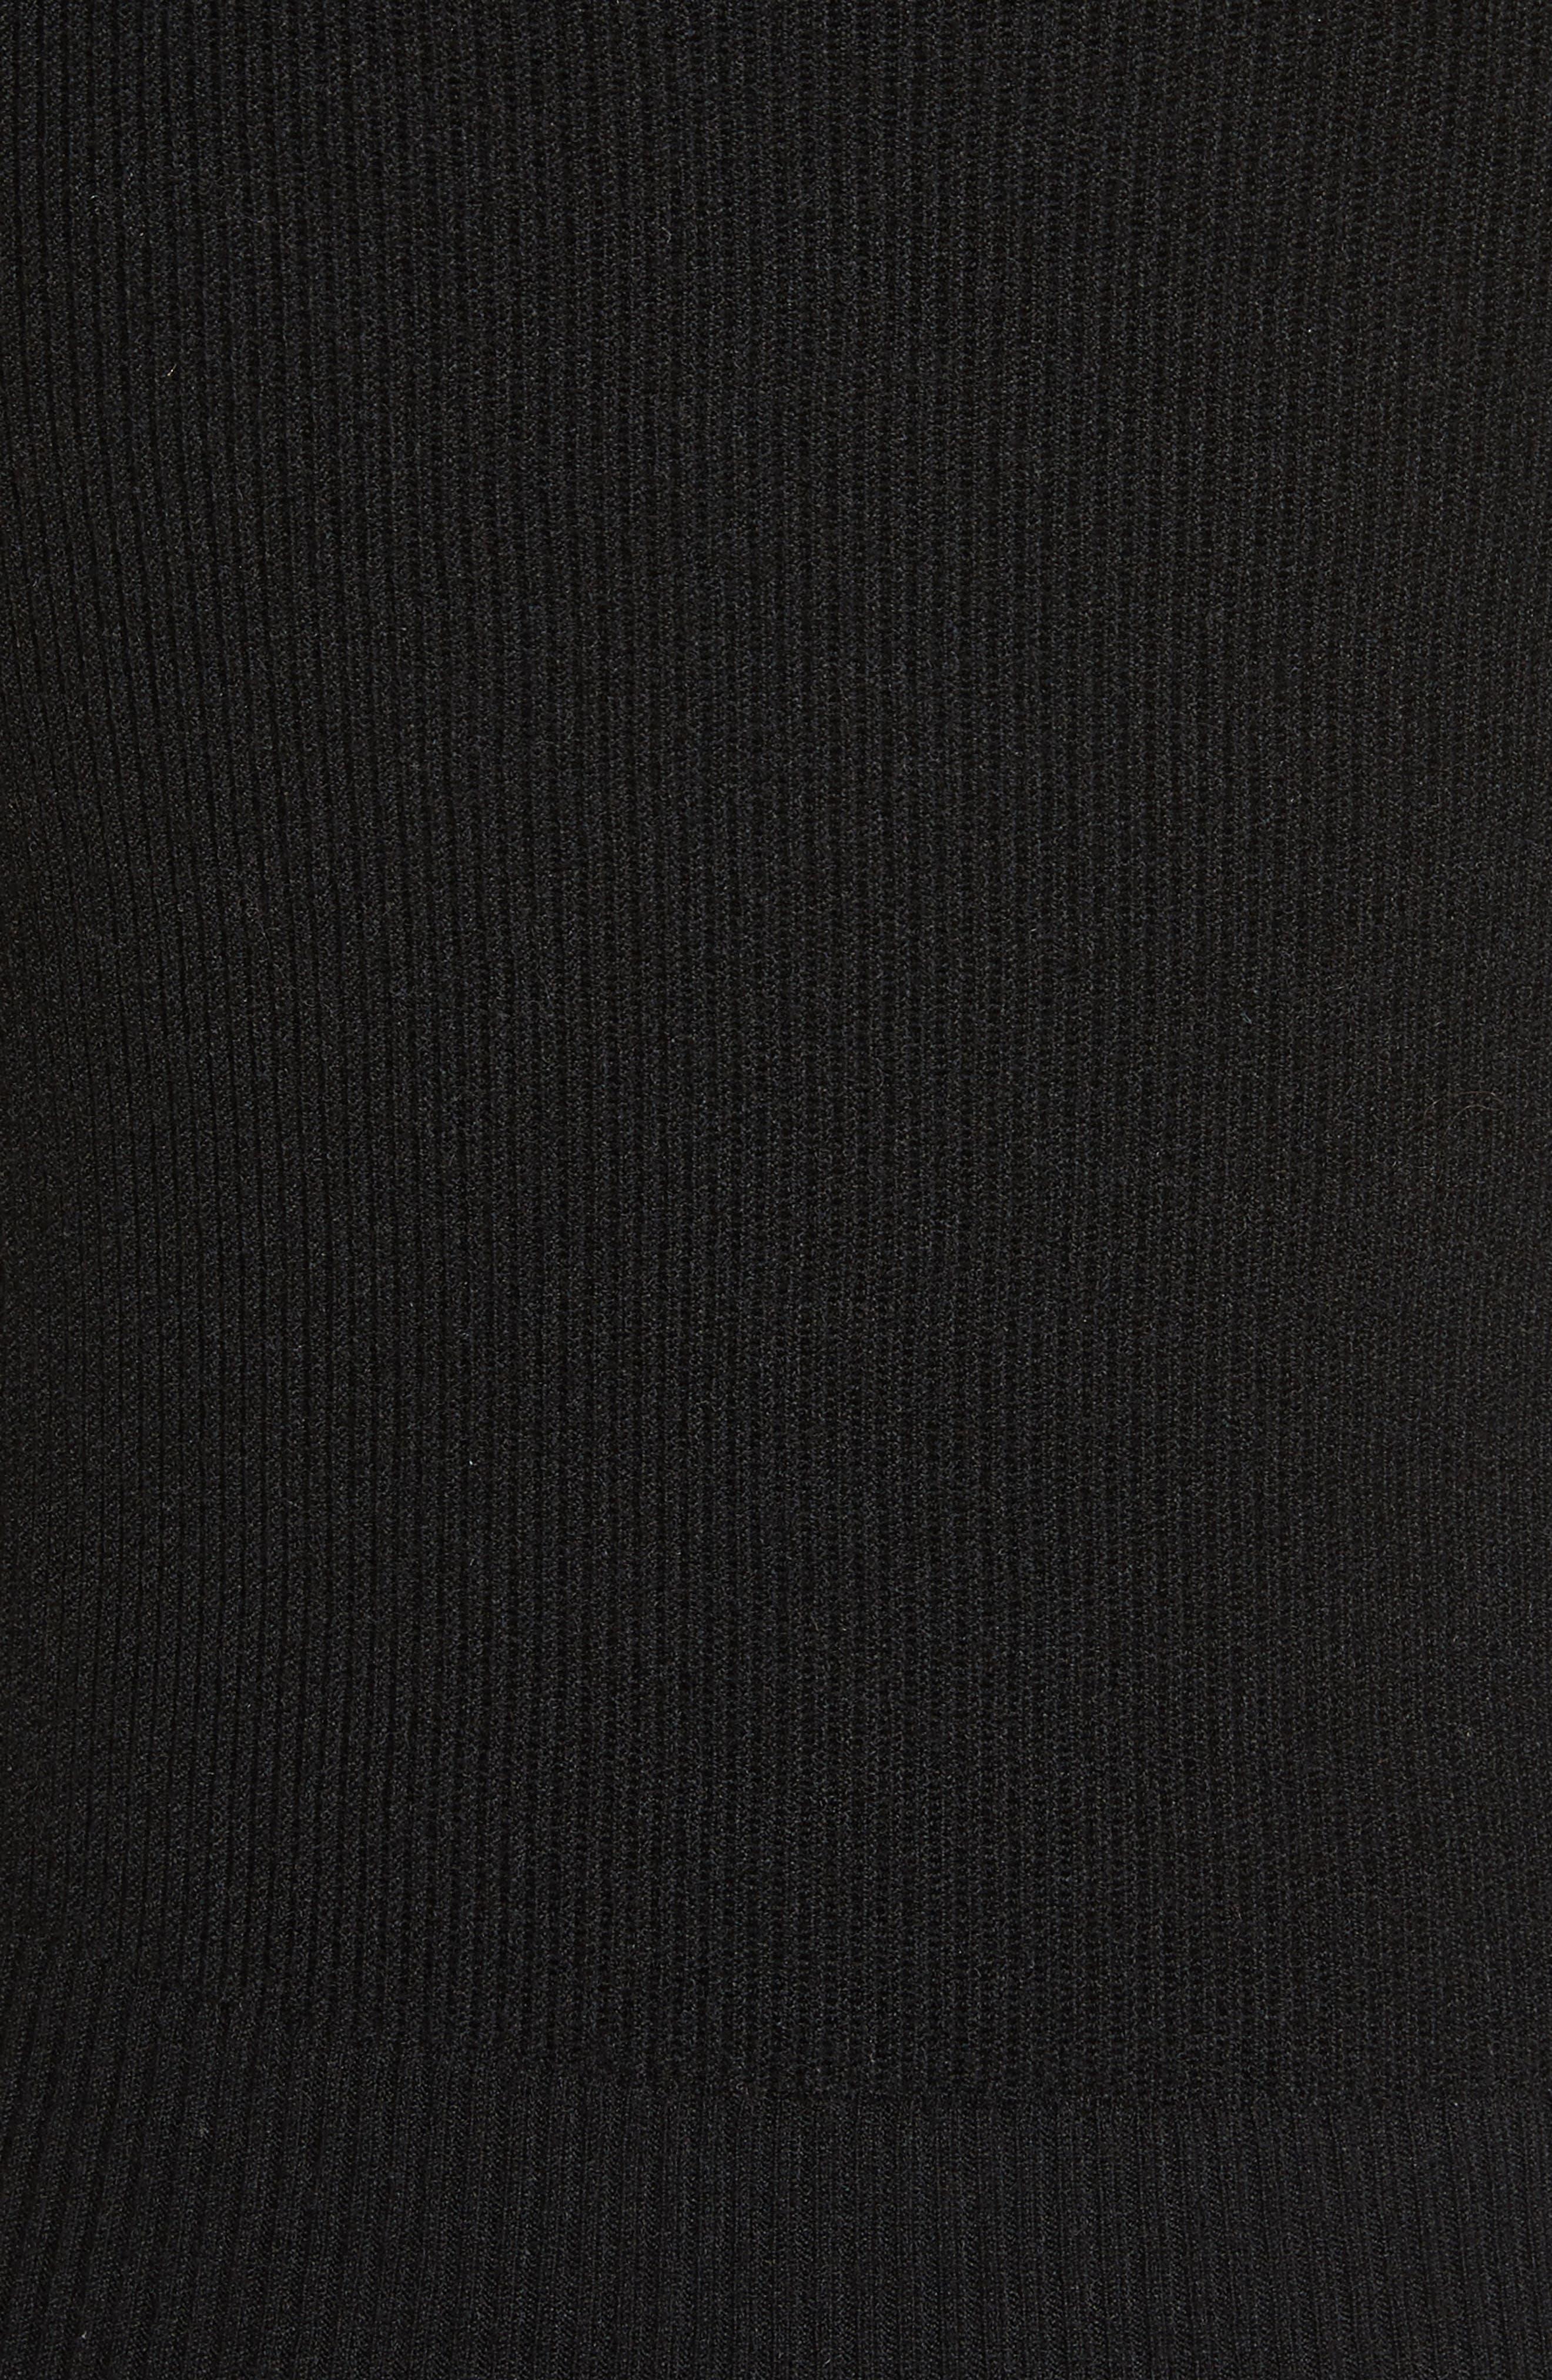 Décolletage Sweater,                             Alternate thumbnail 5, color,                             Black